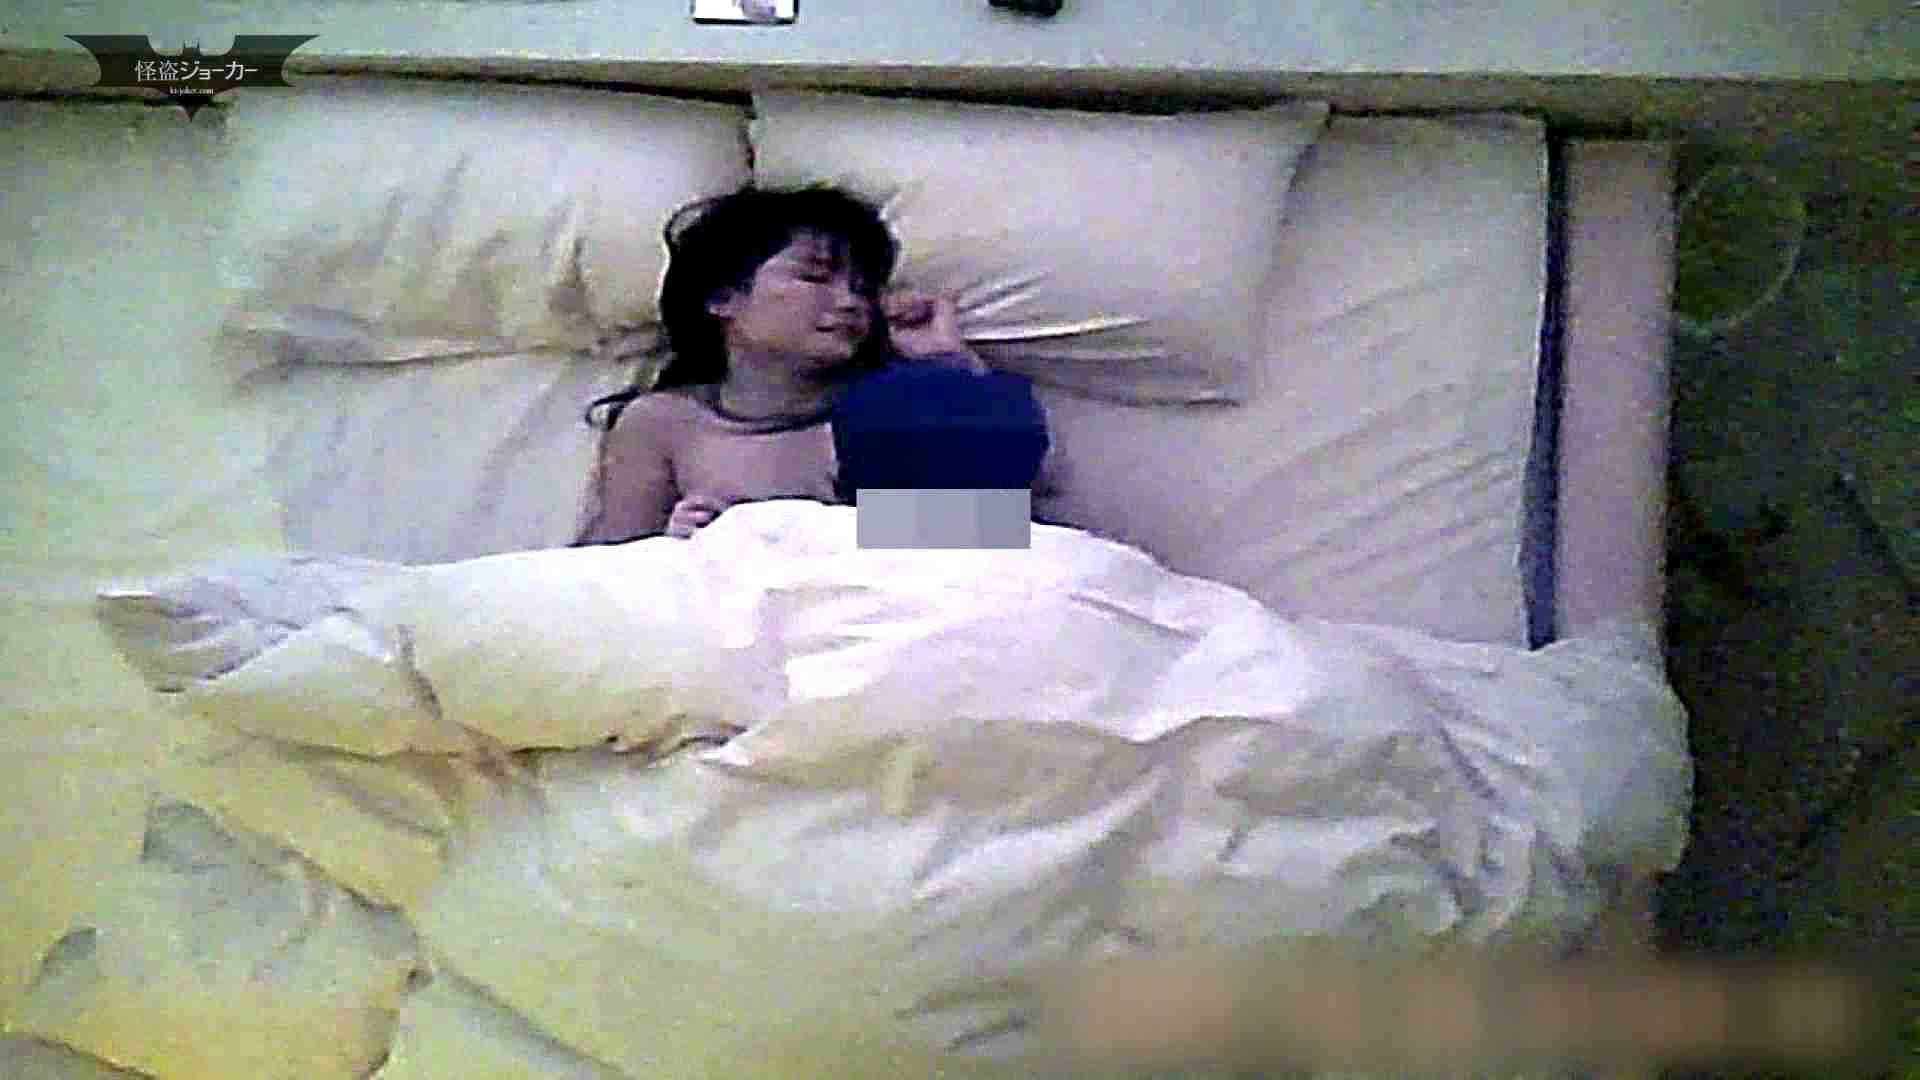 (注)の せっくす(シリーズ 3人目) Vol.41 美乳 ワレメ無修正動画無料 82画像 28